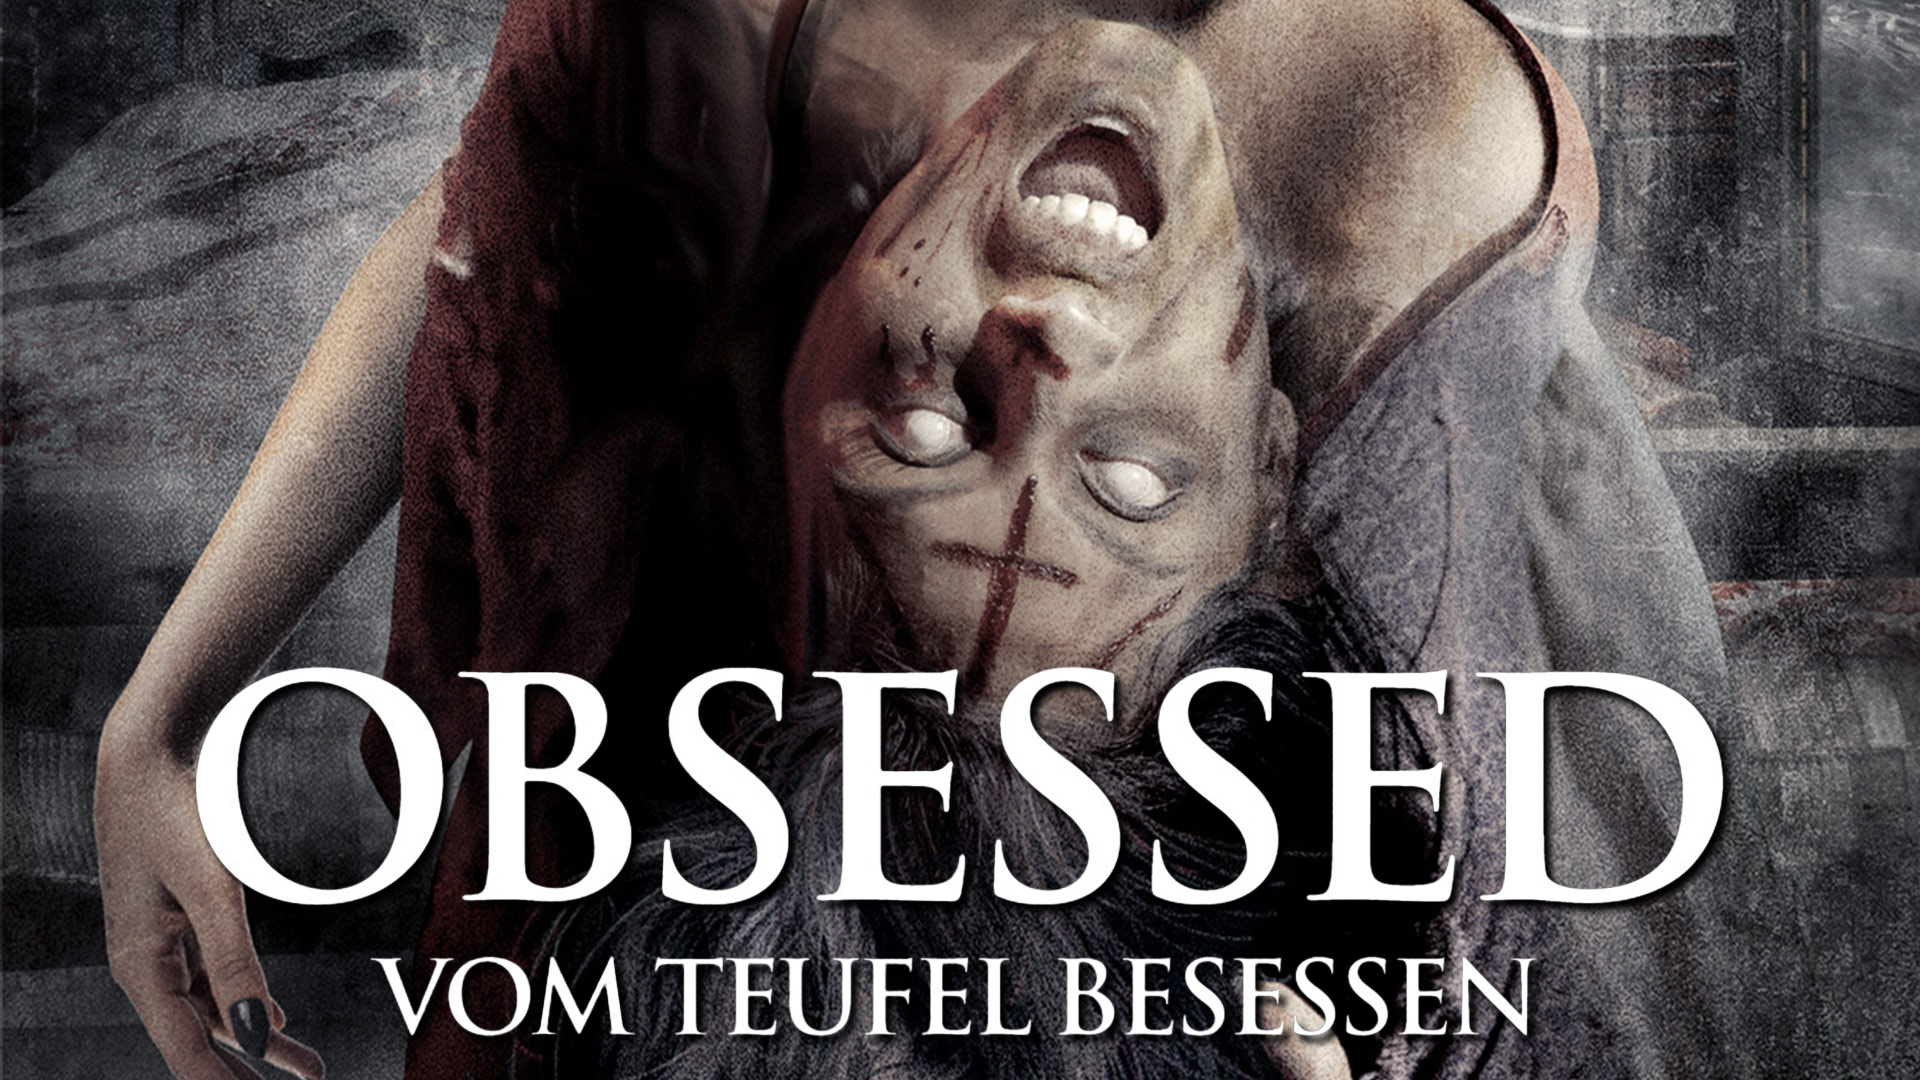 Obsessed: Vom Teufel besessen [dt./OV]